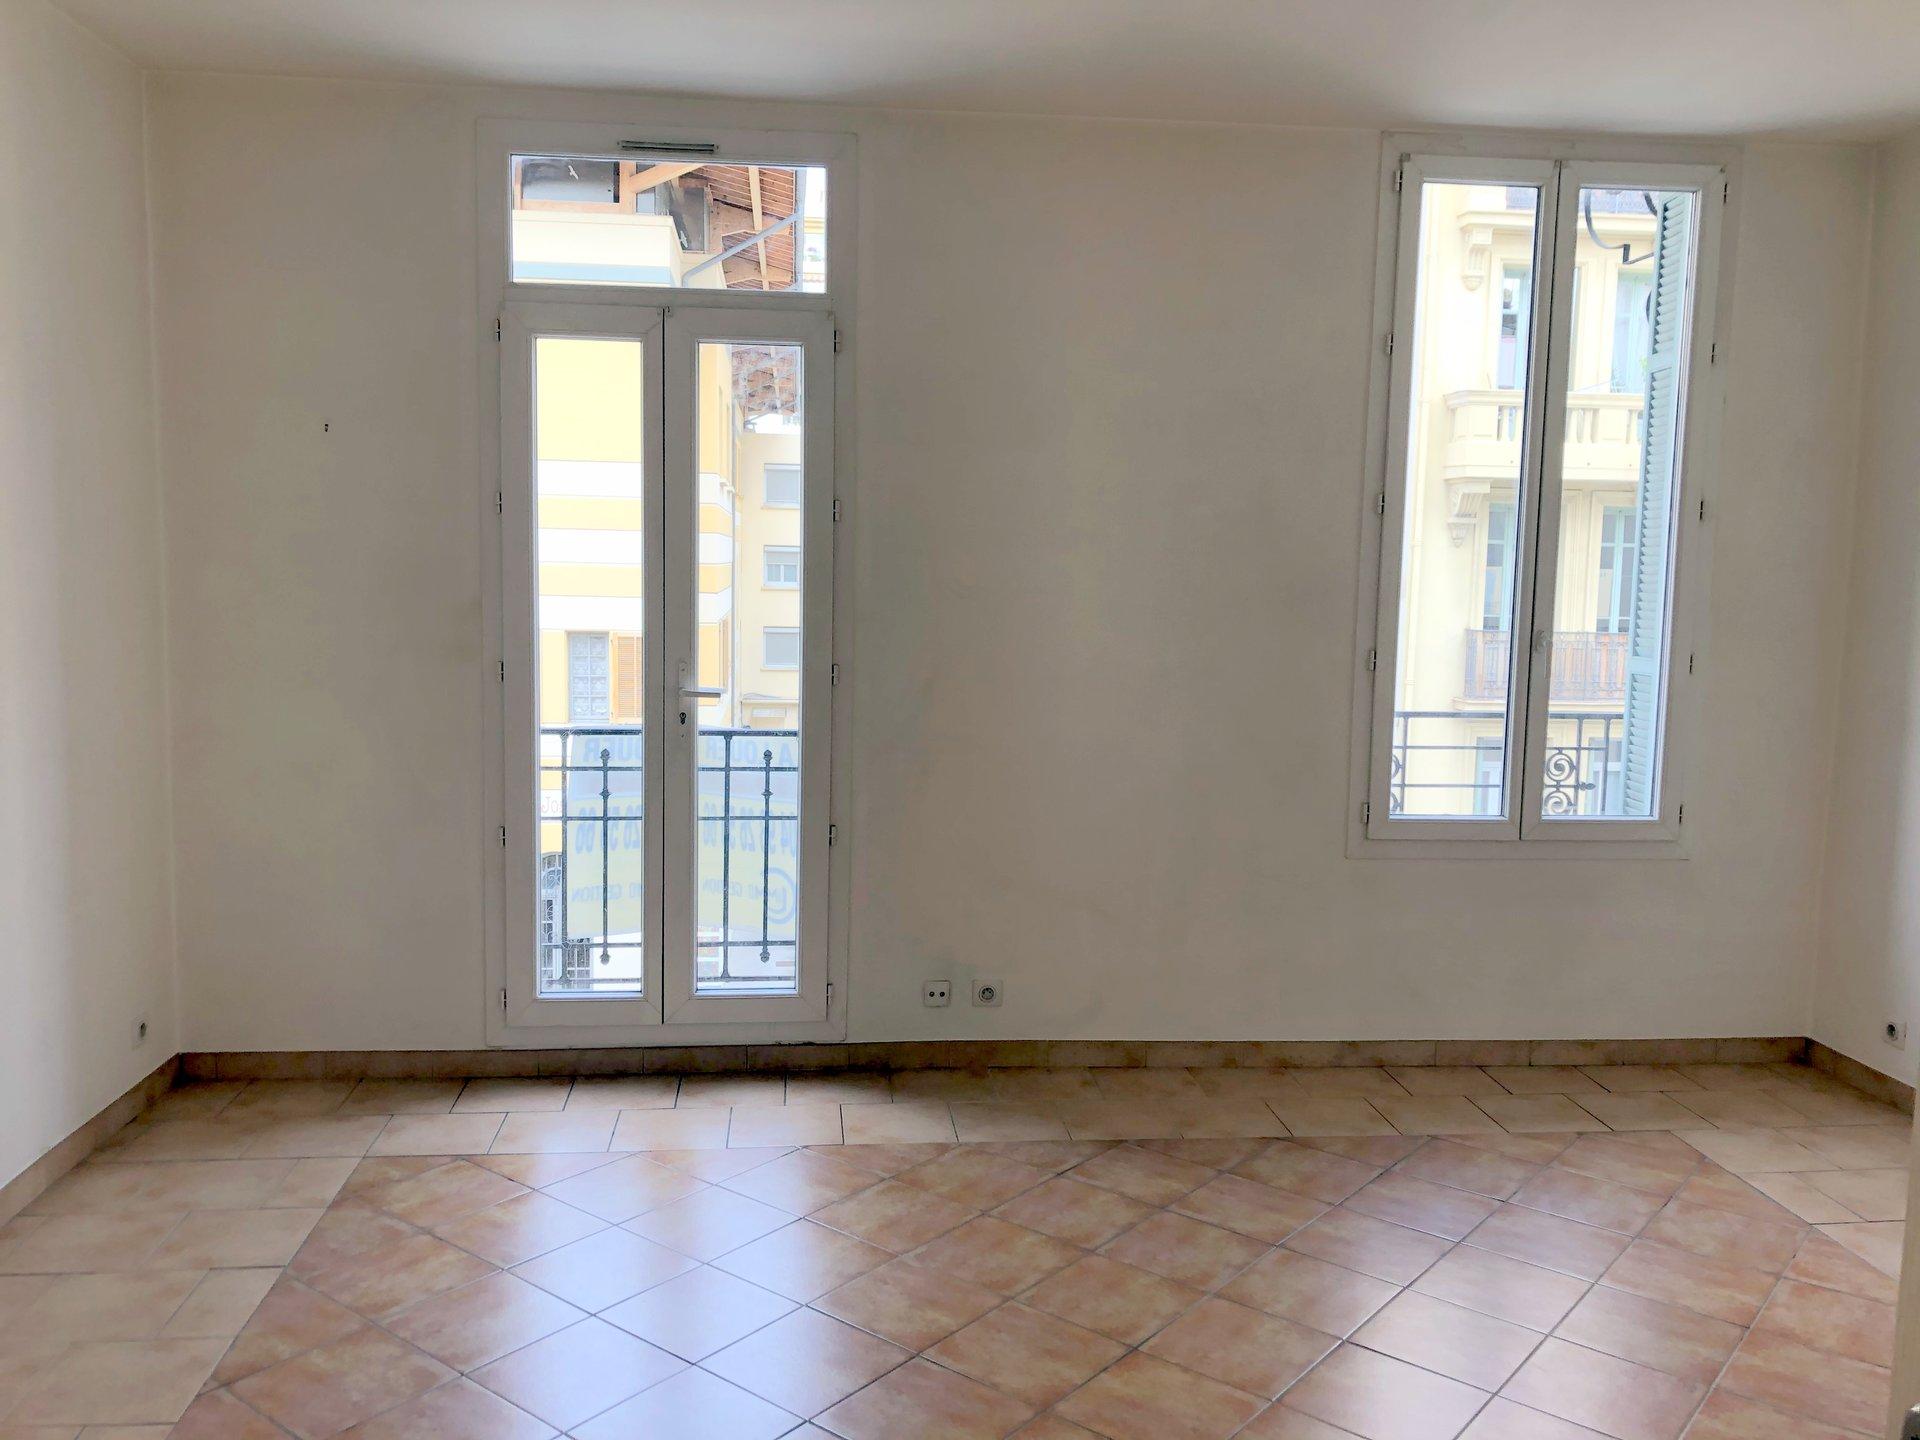 location Nice 3 pièces 62.50m² situé quartier Tnl